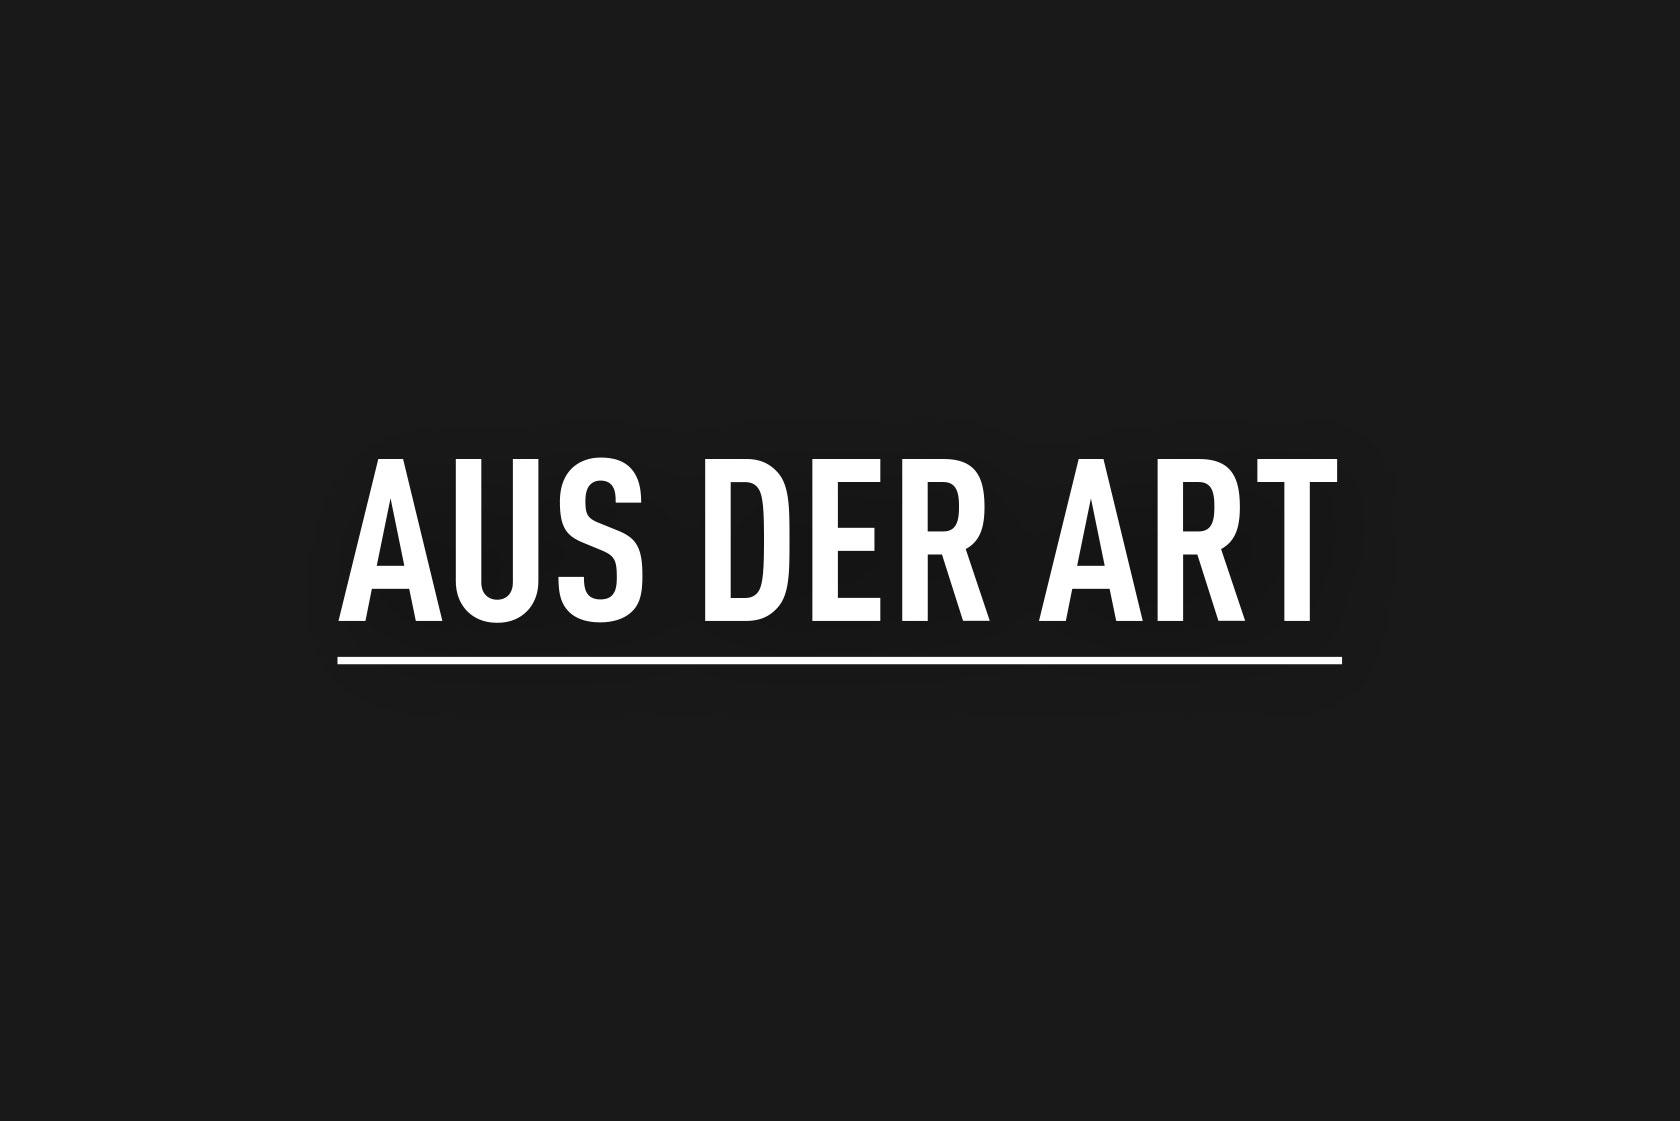 Aus der Art Logo